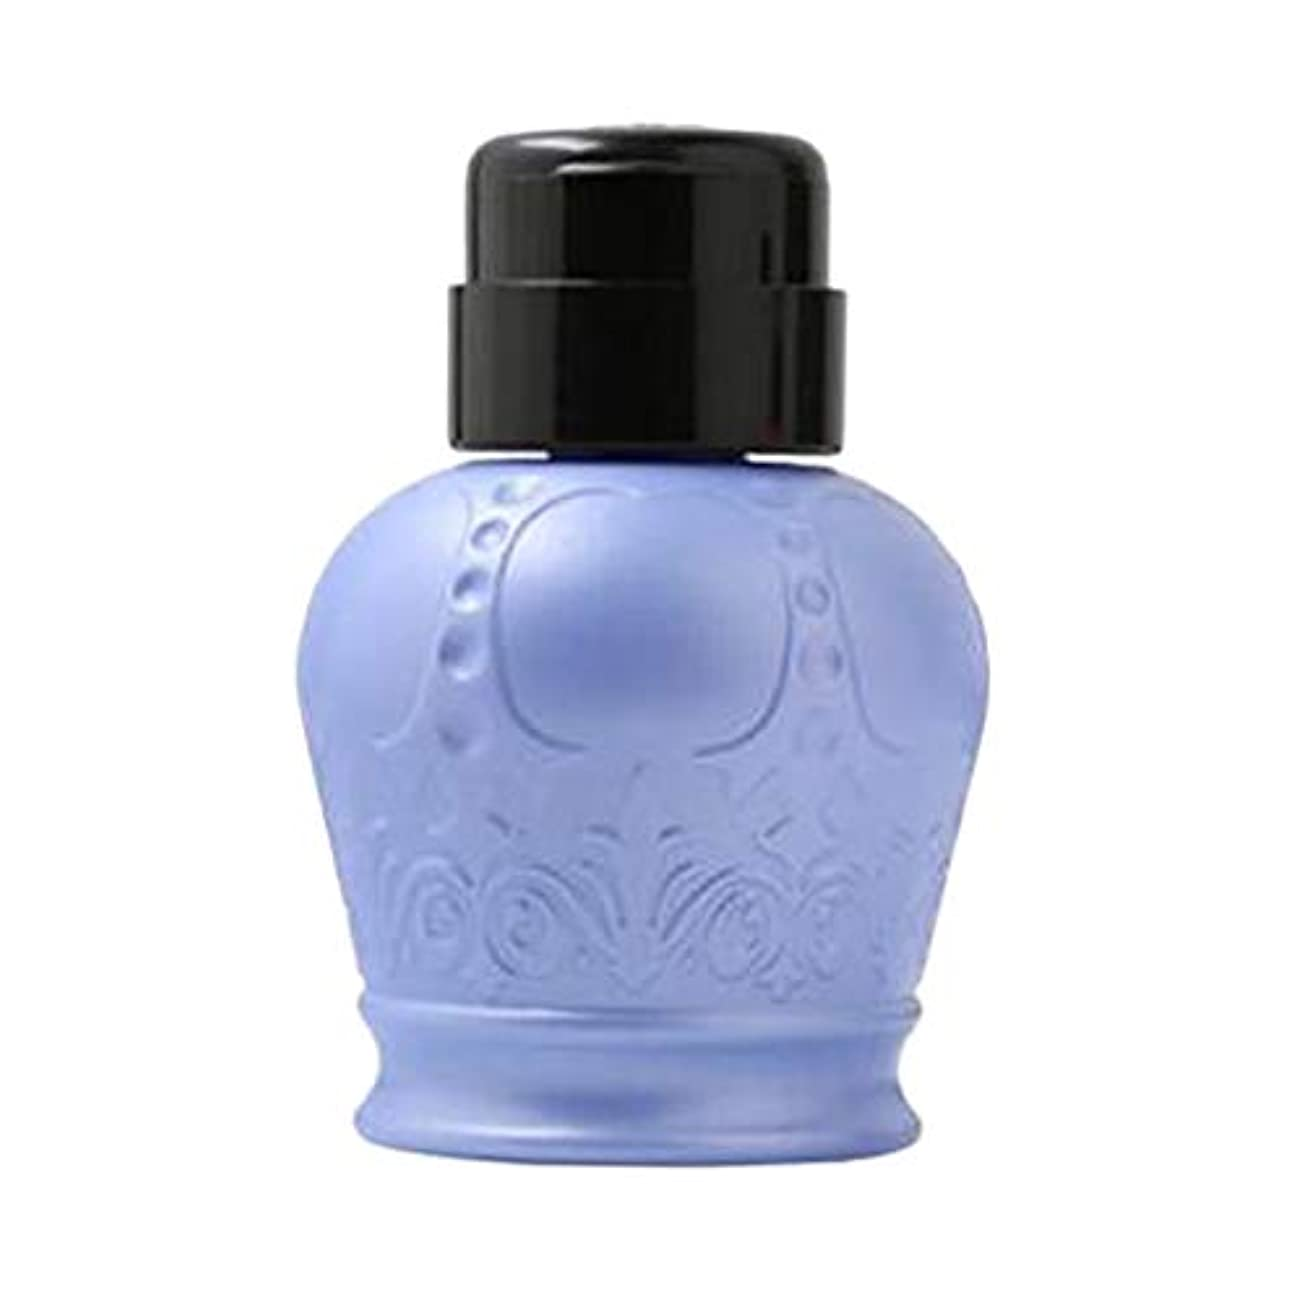 磁気うなる頭蓋骨F Fityle ネイルアートヒント 空ディスペンサー 空のポンプボトル 軽量 耐久性 2色選択 - ブルー